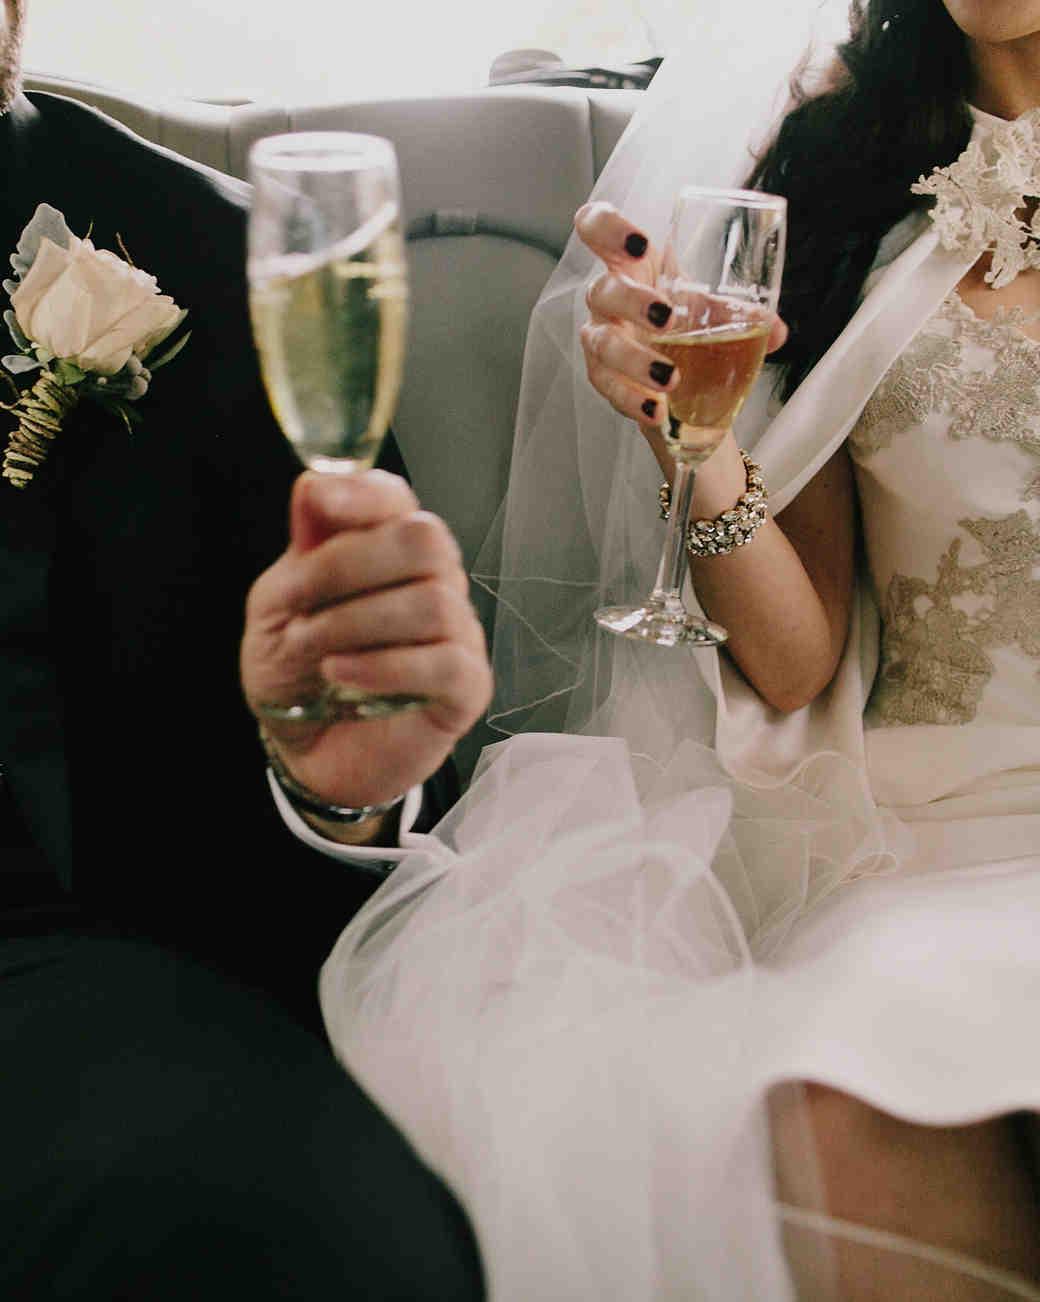 rosie-constantine-wedding-champagne-261-s112177-1015.jpg